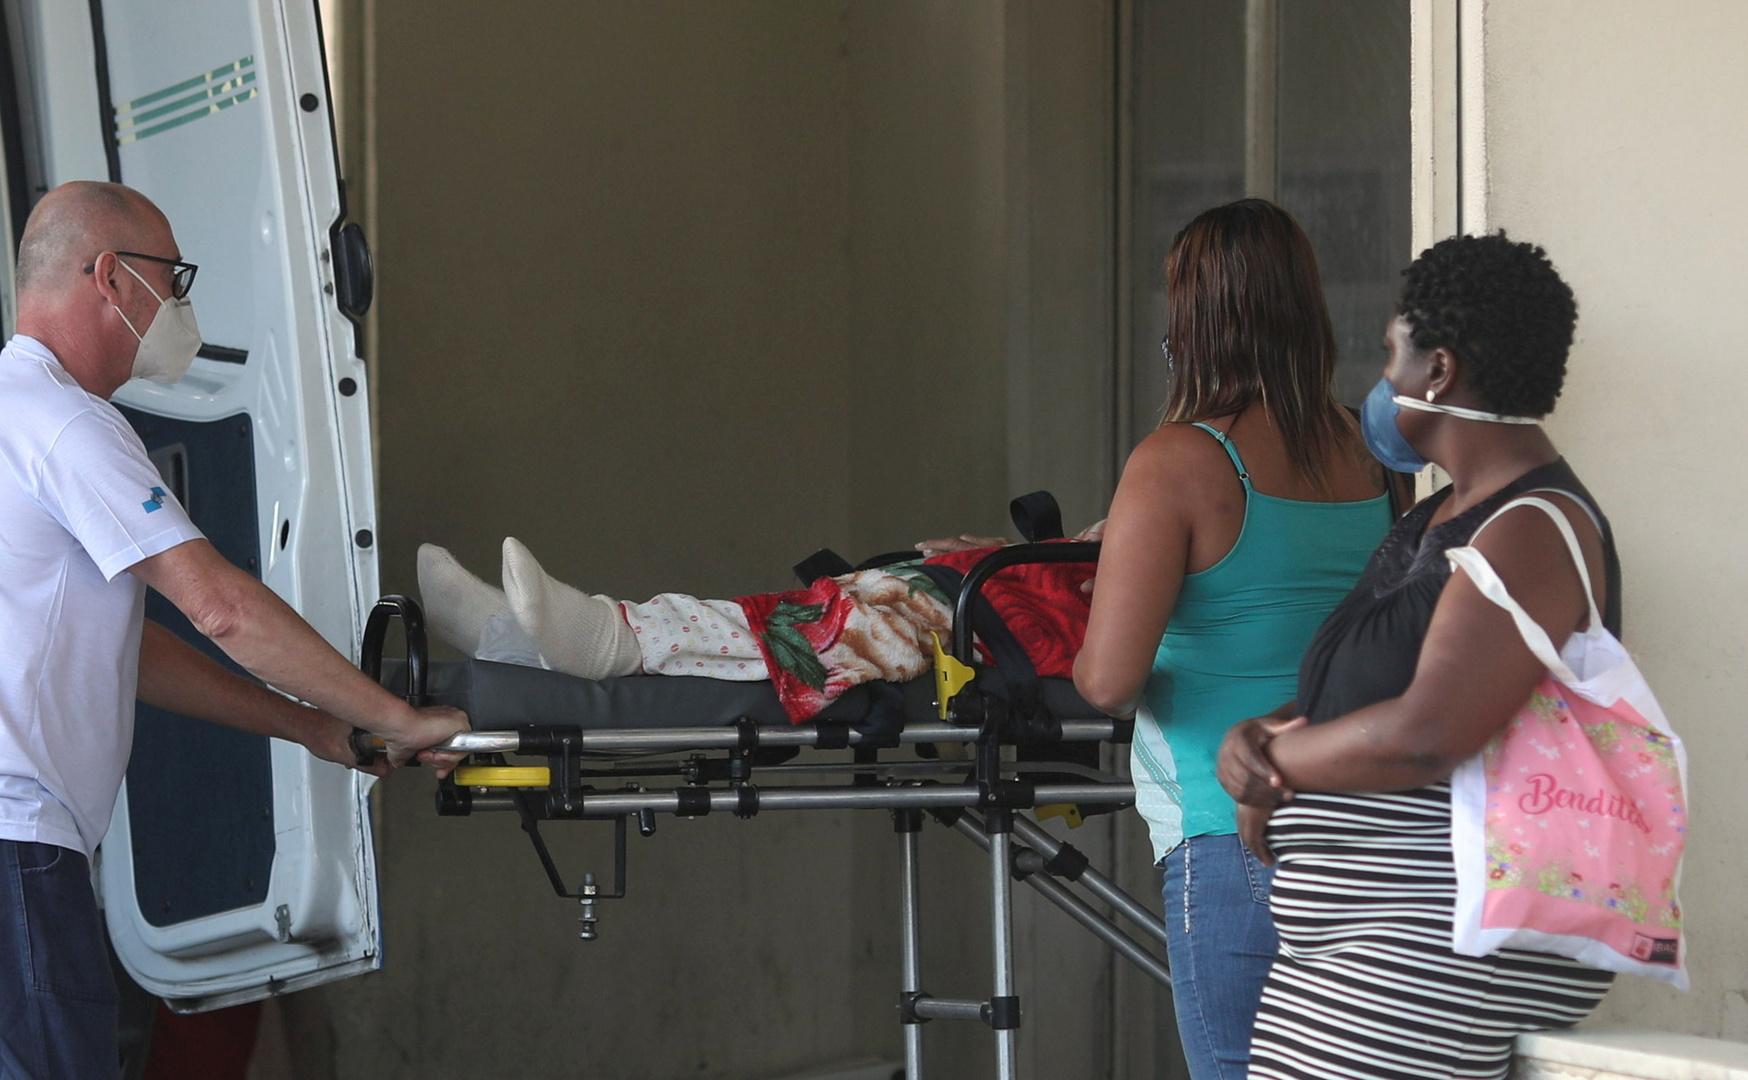 البرازيل تسجل 3560 وفاة جديدة بسبب كورونا